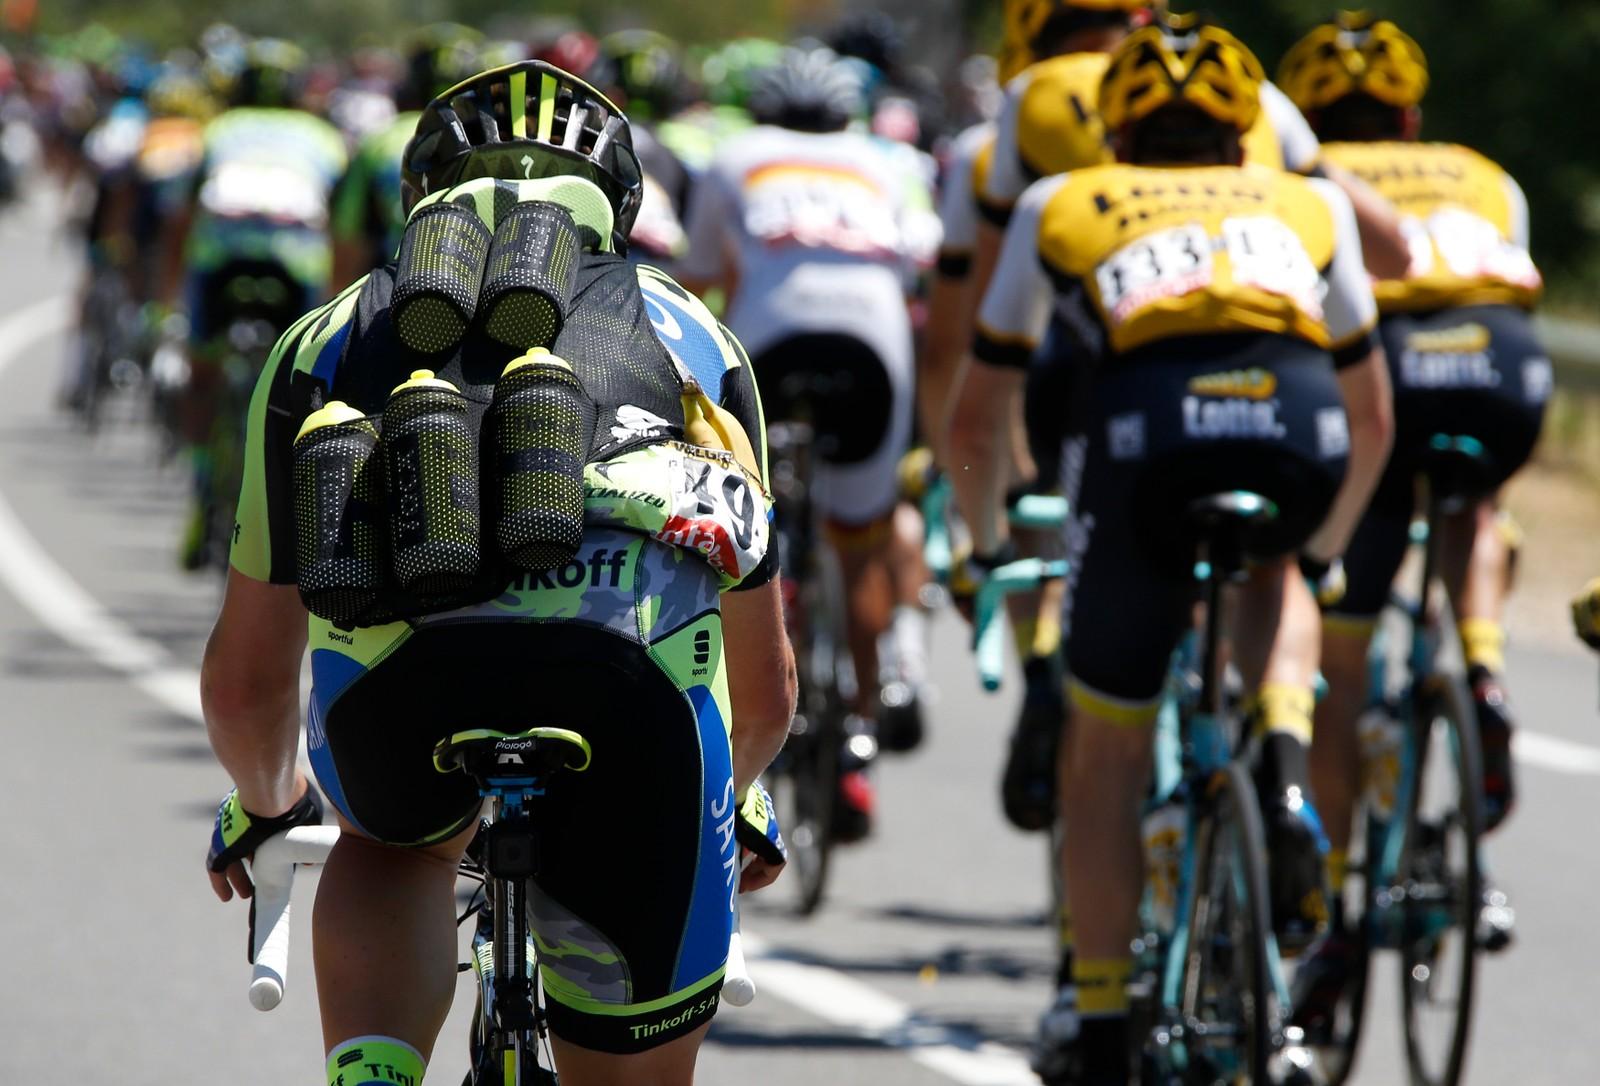 Tinkoff-Saxo-rytter Michael Valgren fra Danmark gjør en jobb for laget. REUTERS